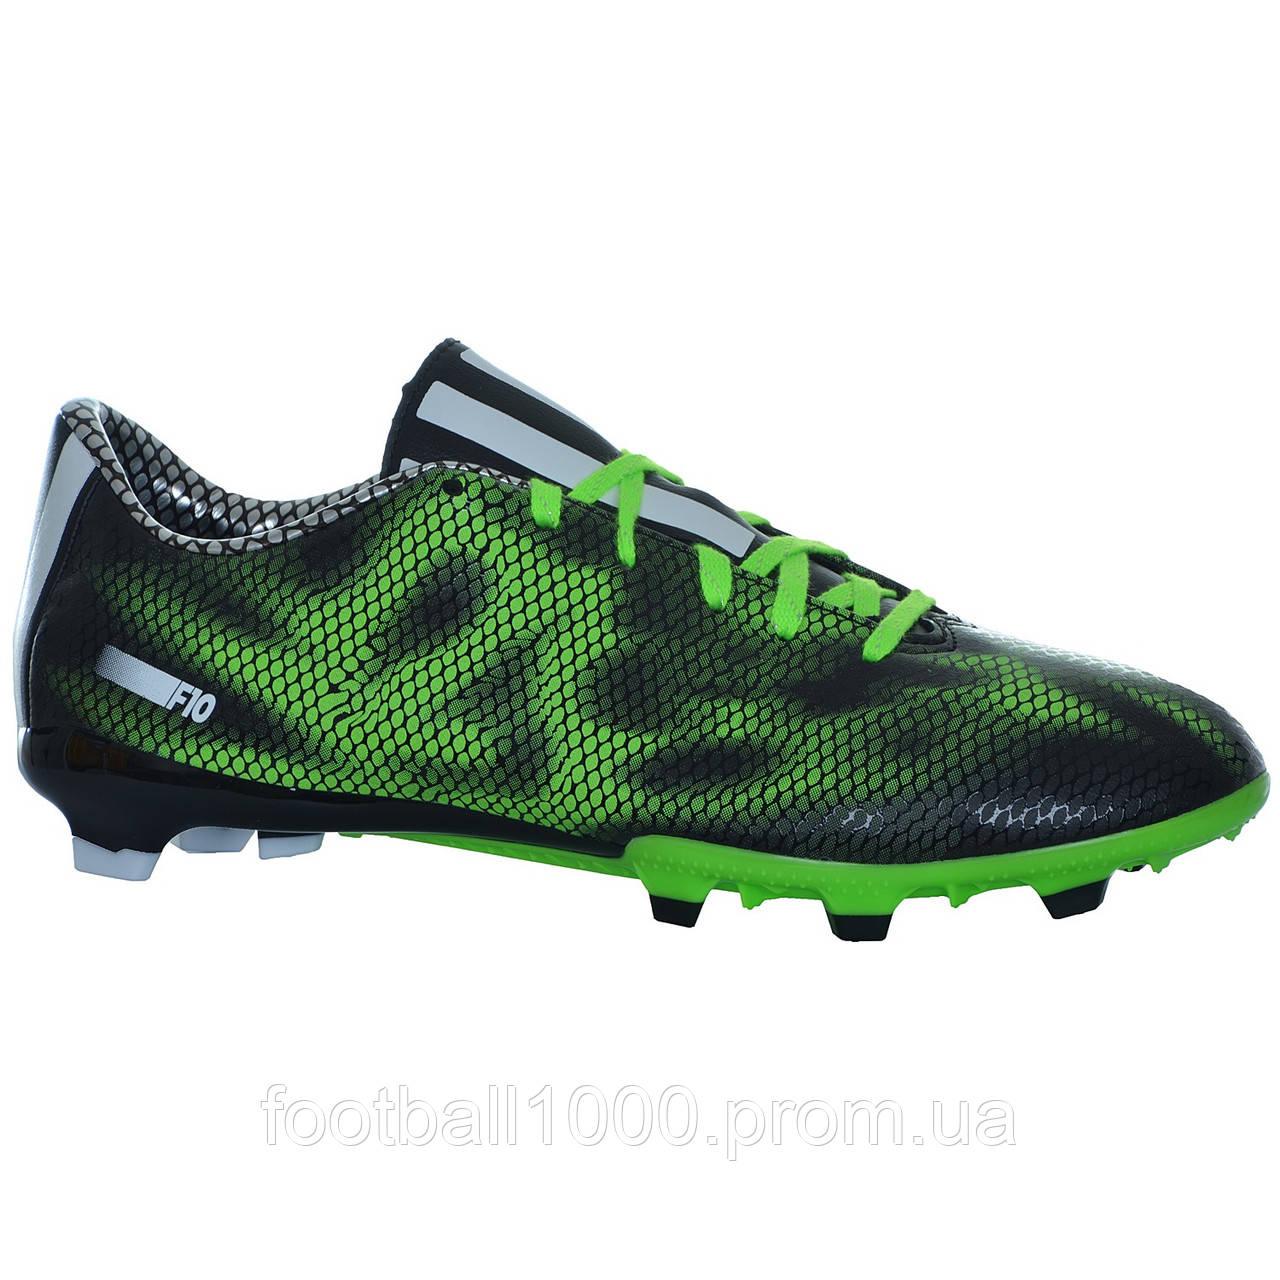 c089262d Футбольные бутсы Adidas F10 TRX FG: продажа, цена в Киеве ...